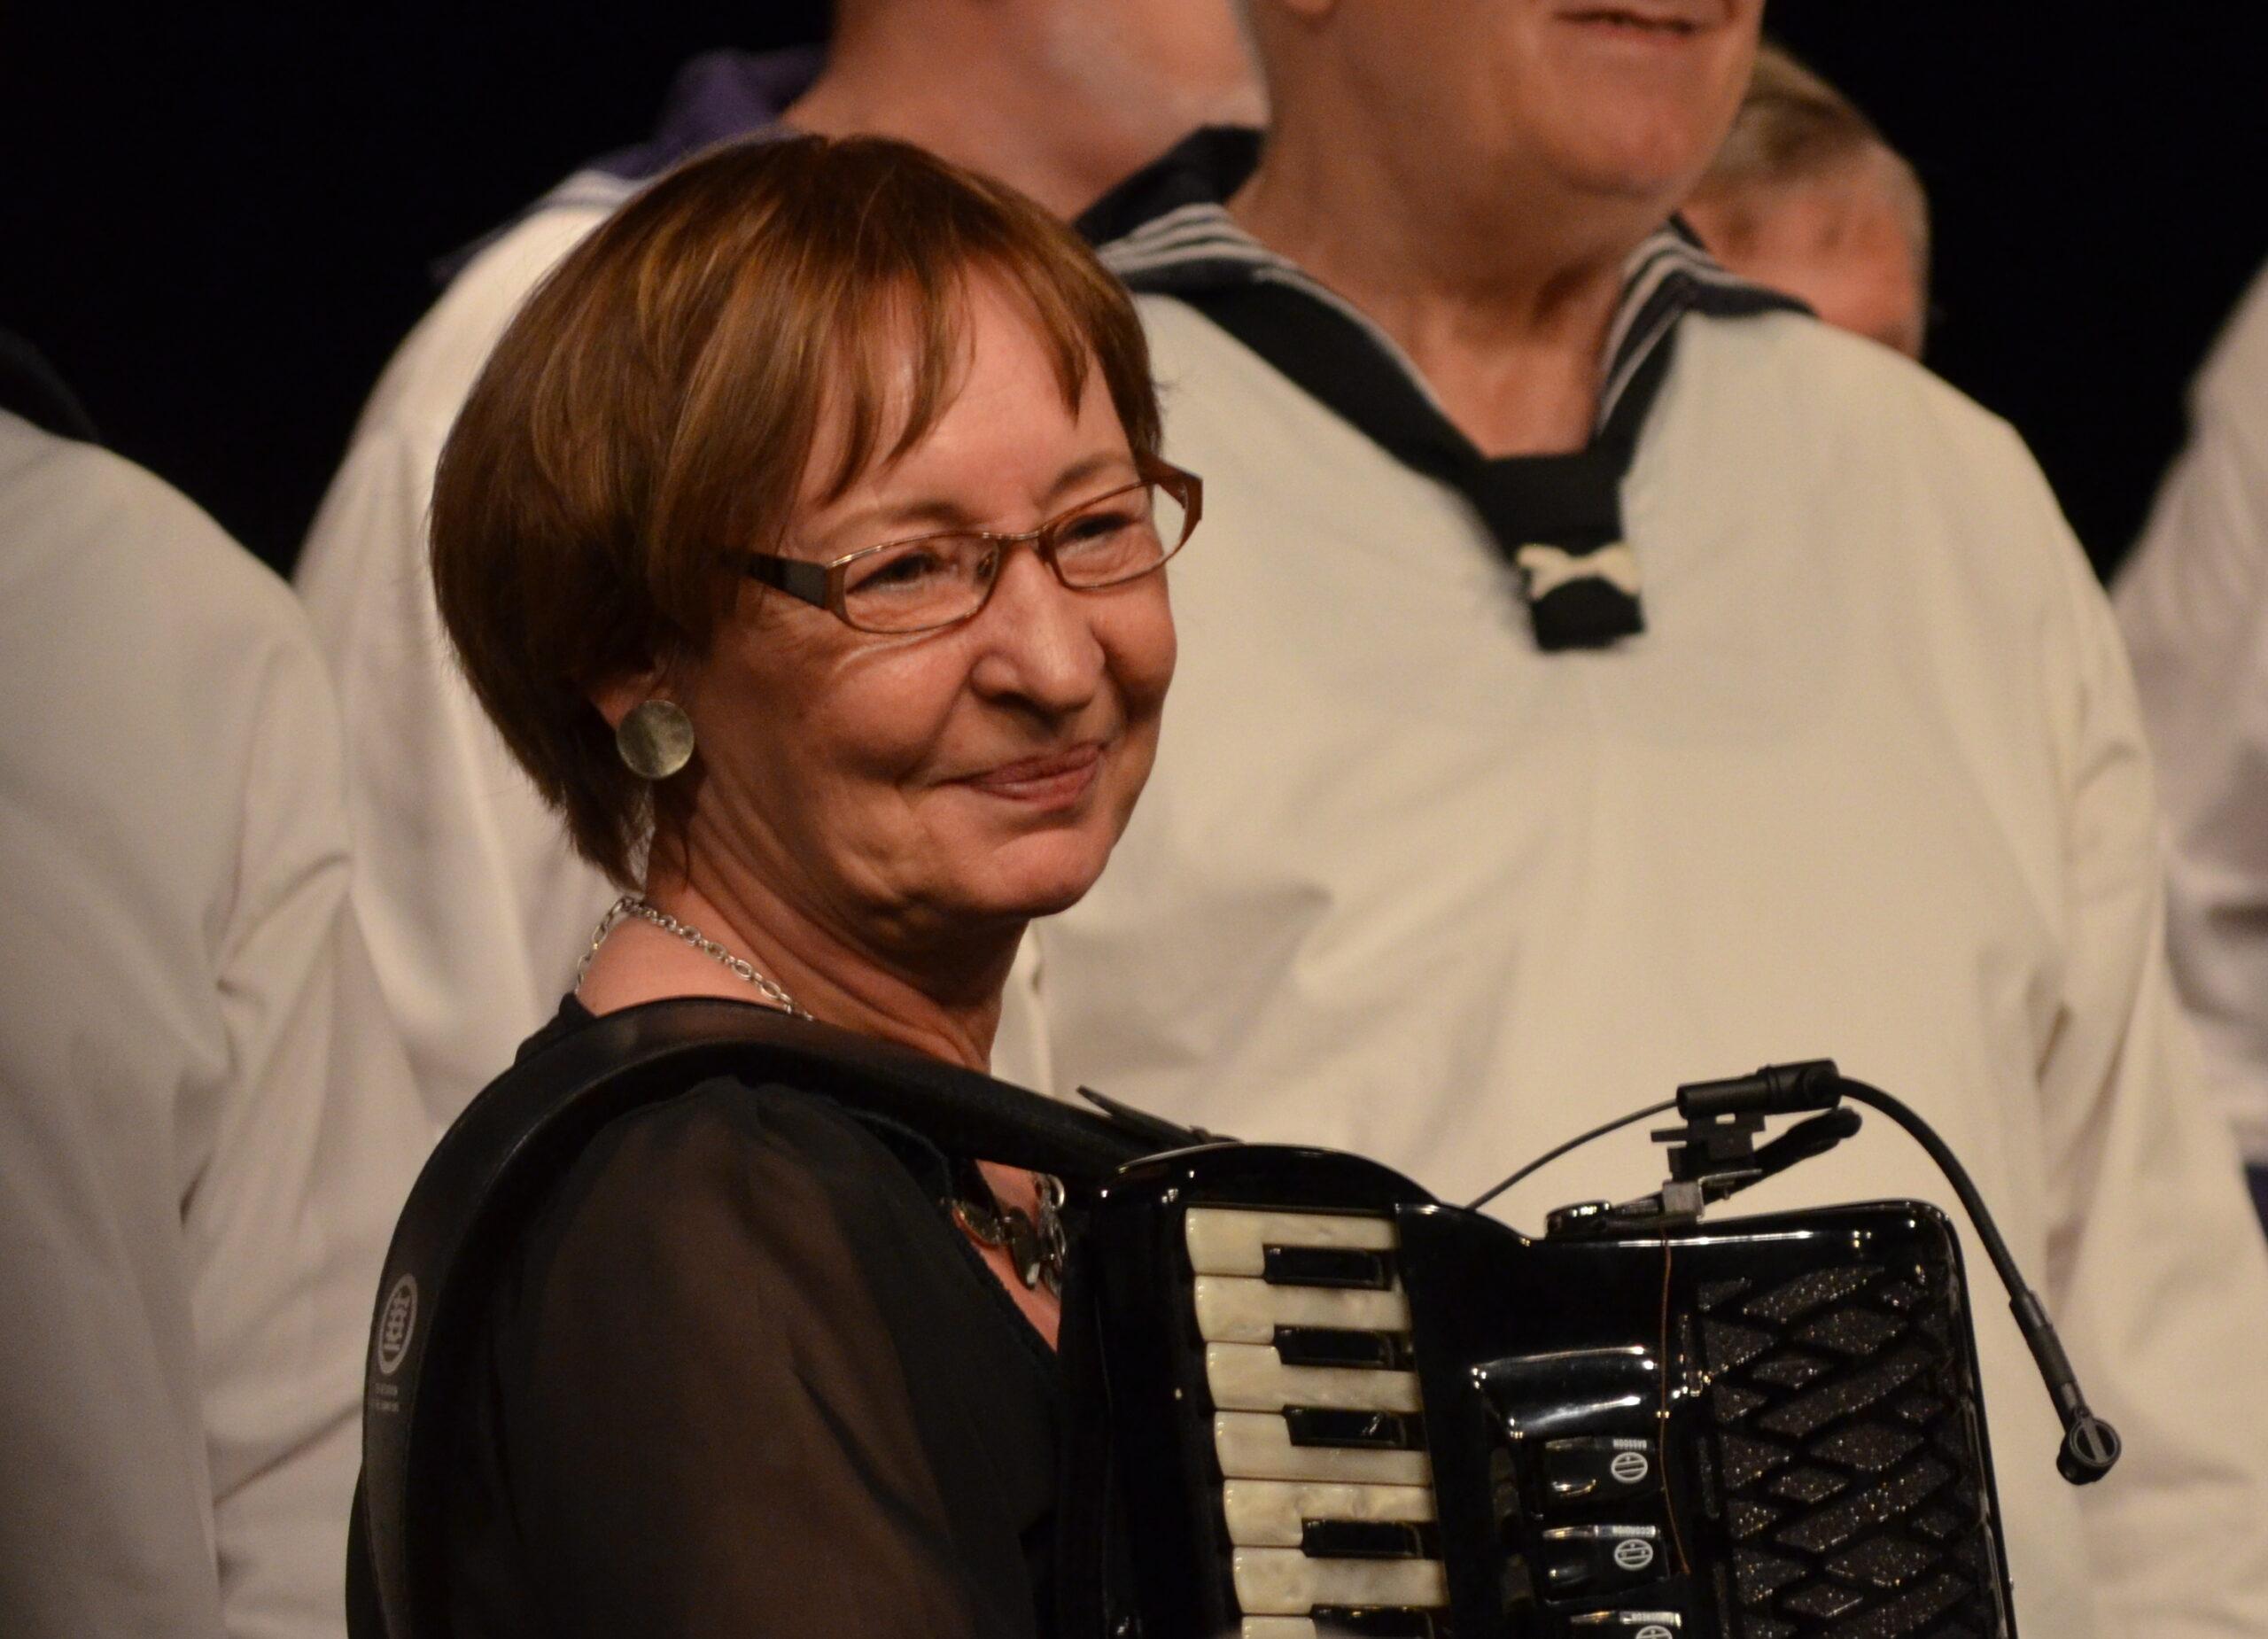 Monika Brutscher